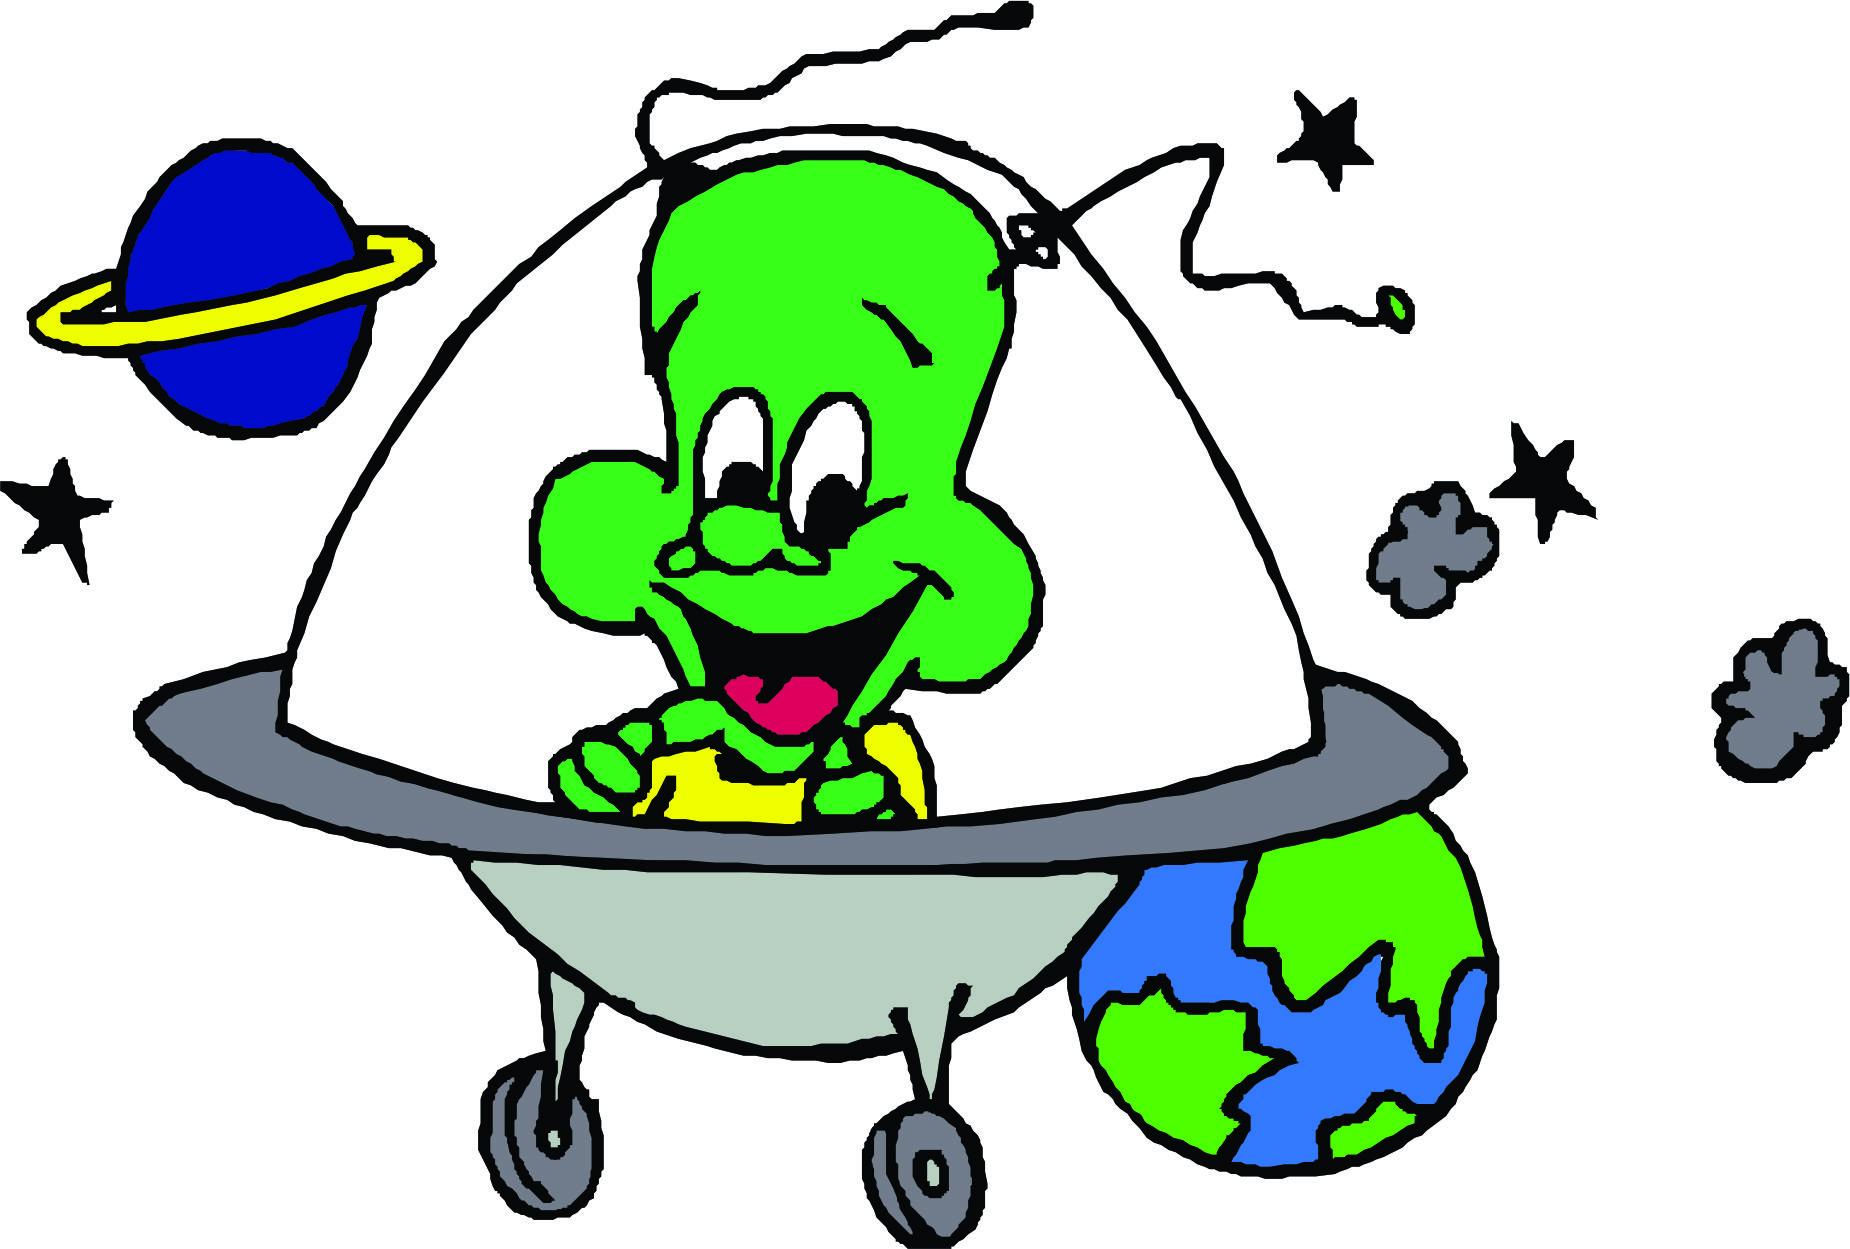 1850x1249 Clip Art Cute Alien Spaceship Clip Art Alien Spaceship Clip Art